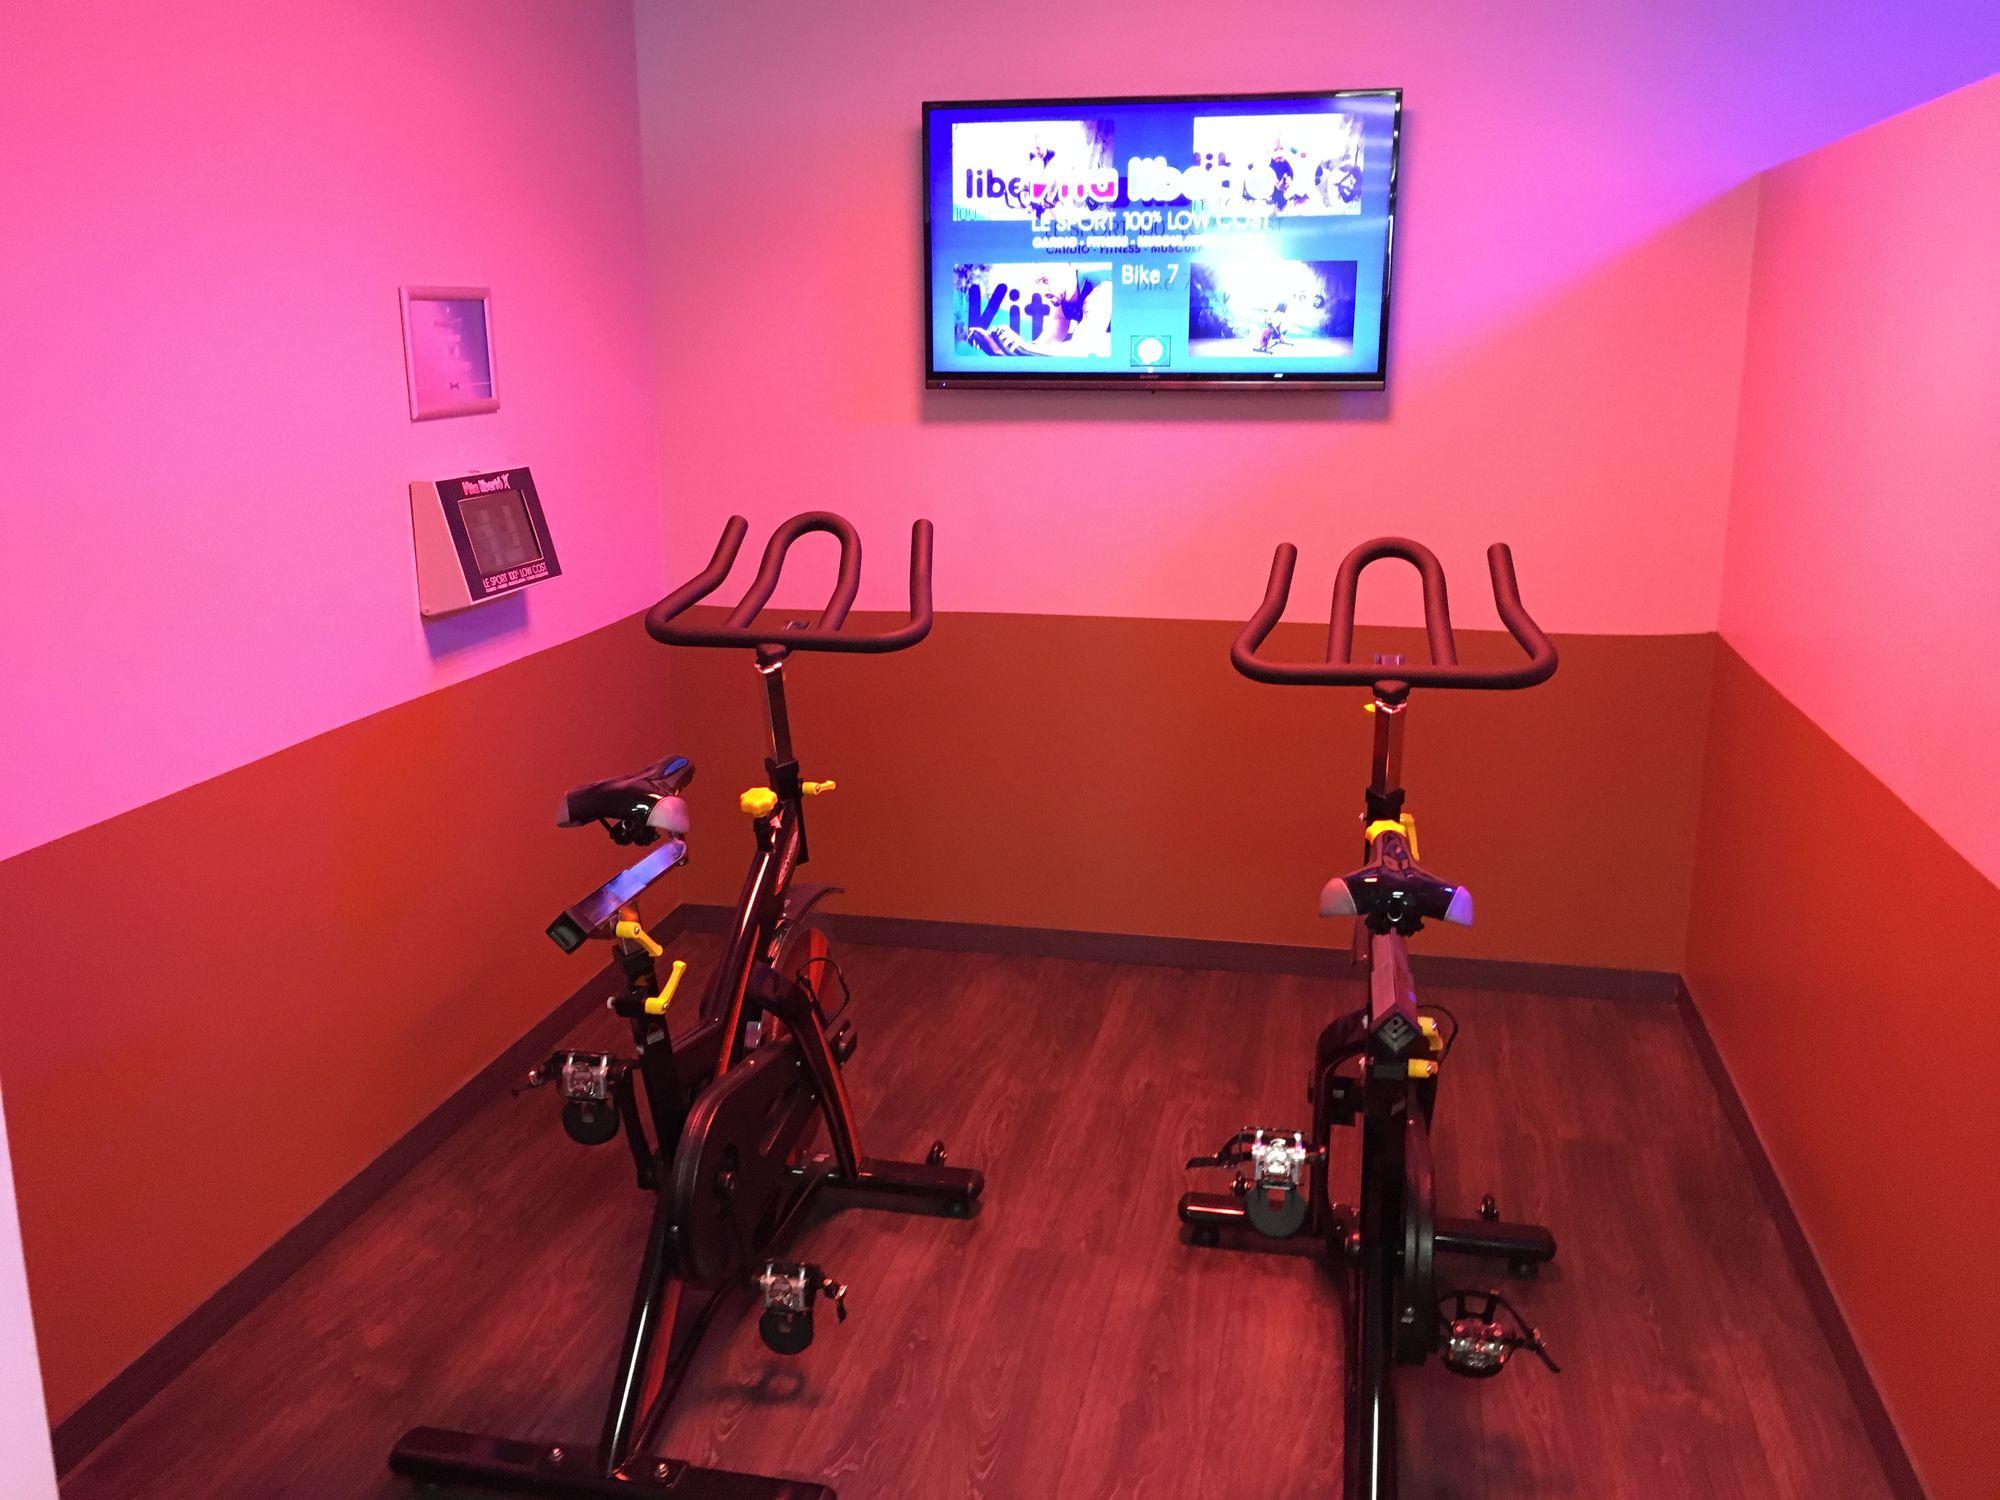 Salle de sport VIta liberté Fos sur mer bike